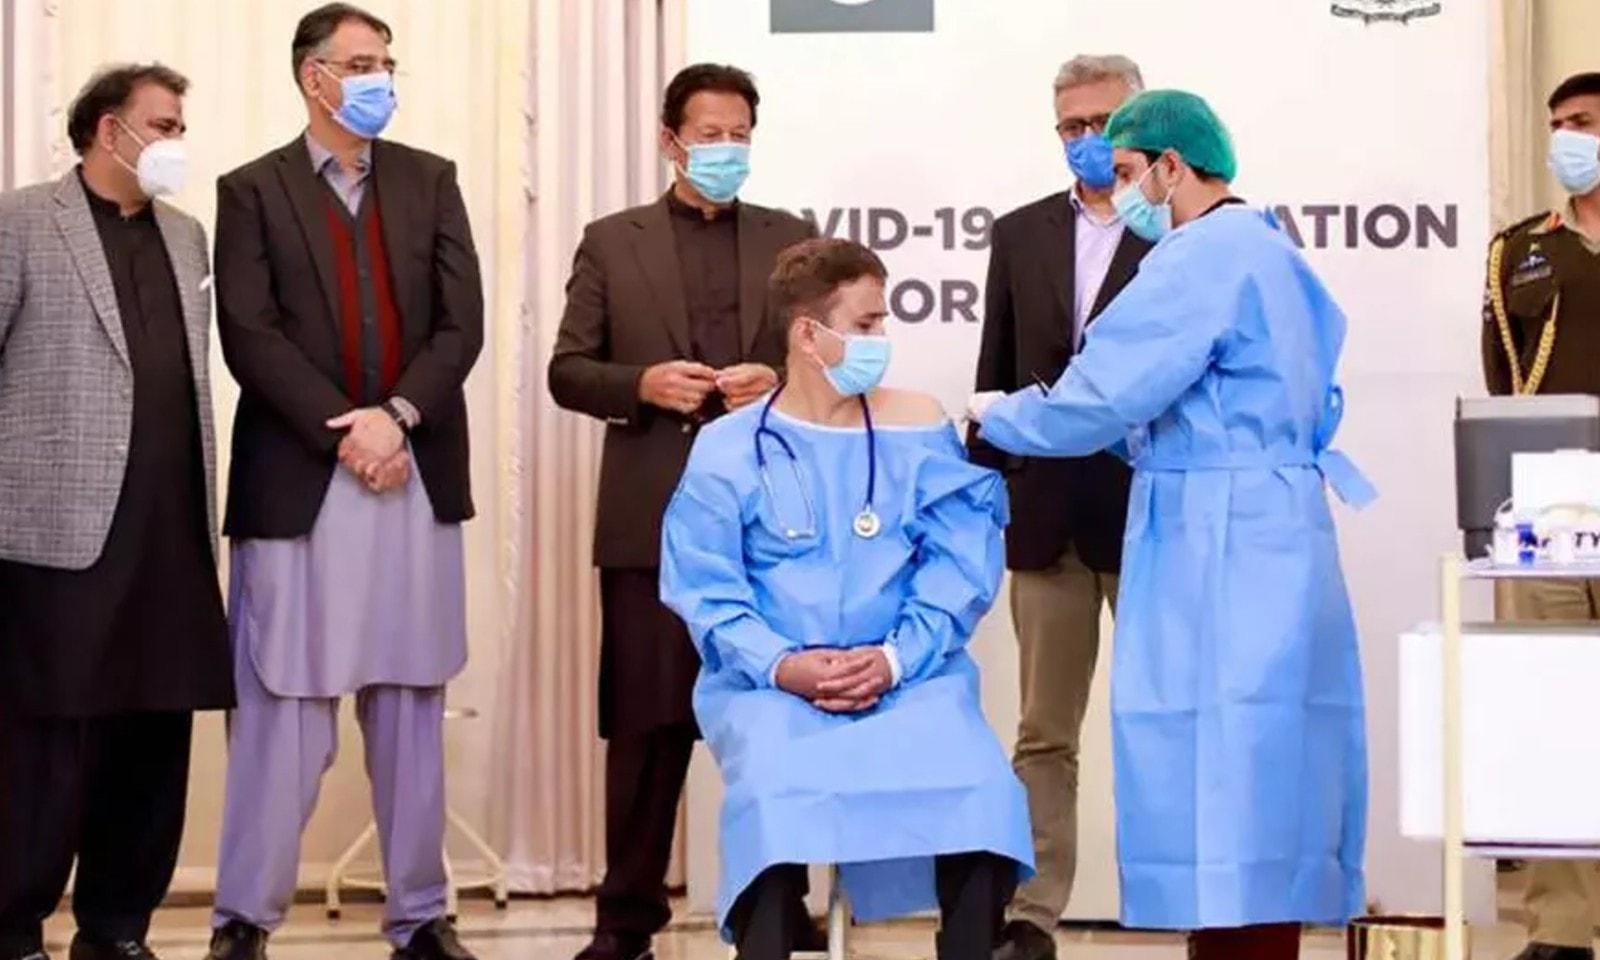 اسلام آباد میں 2 فروری کو ویکسینیشن کا آغاز ہوا — اے ایف پی فوٹو